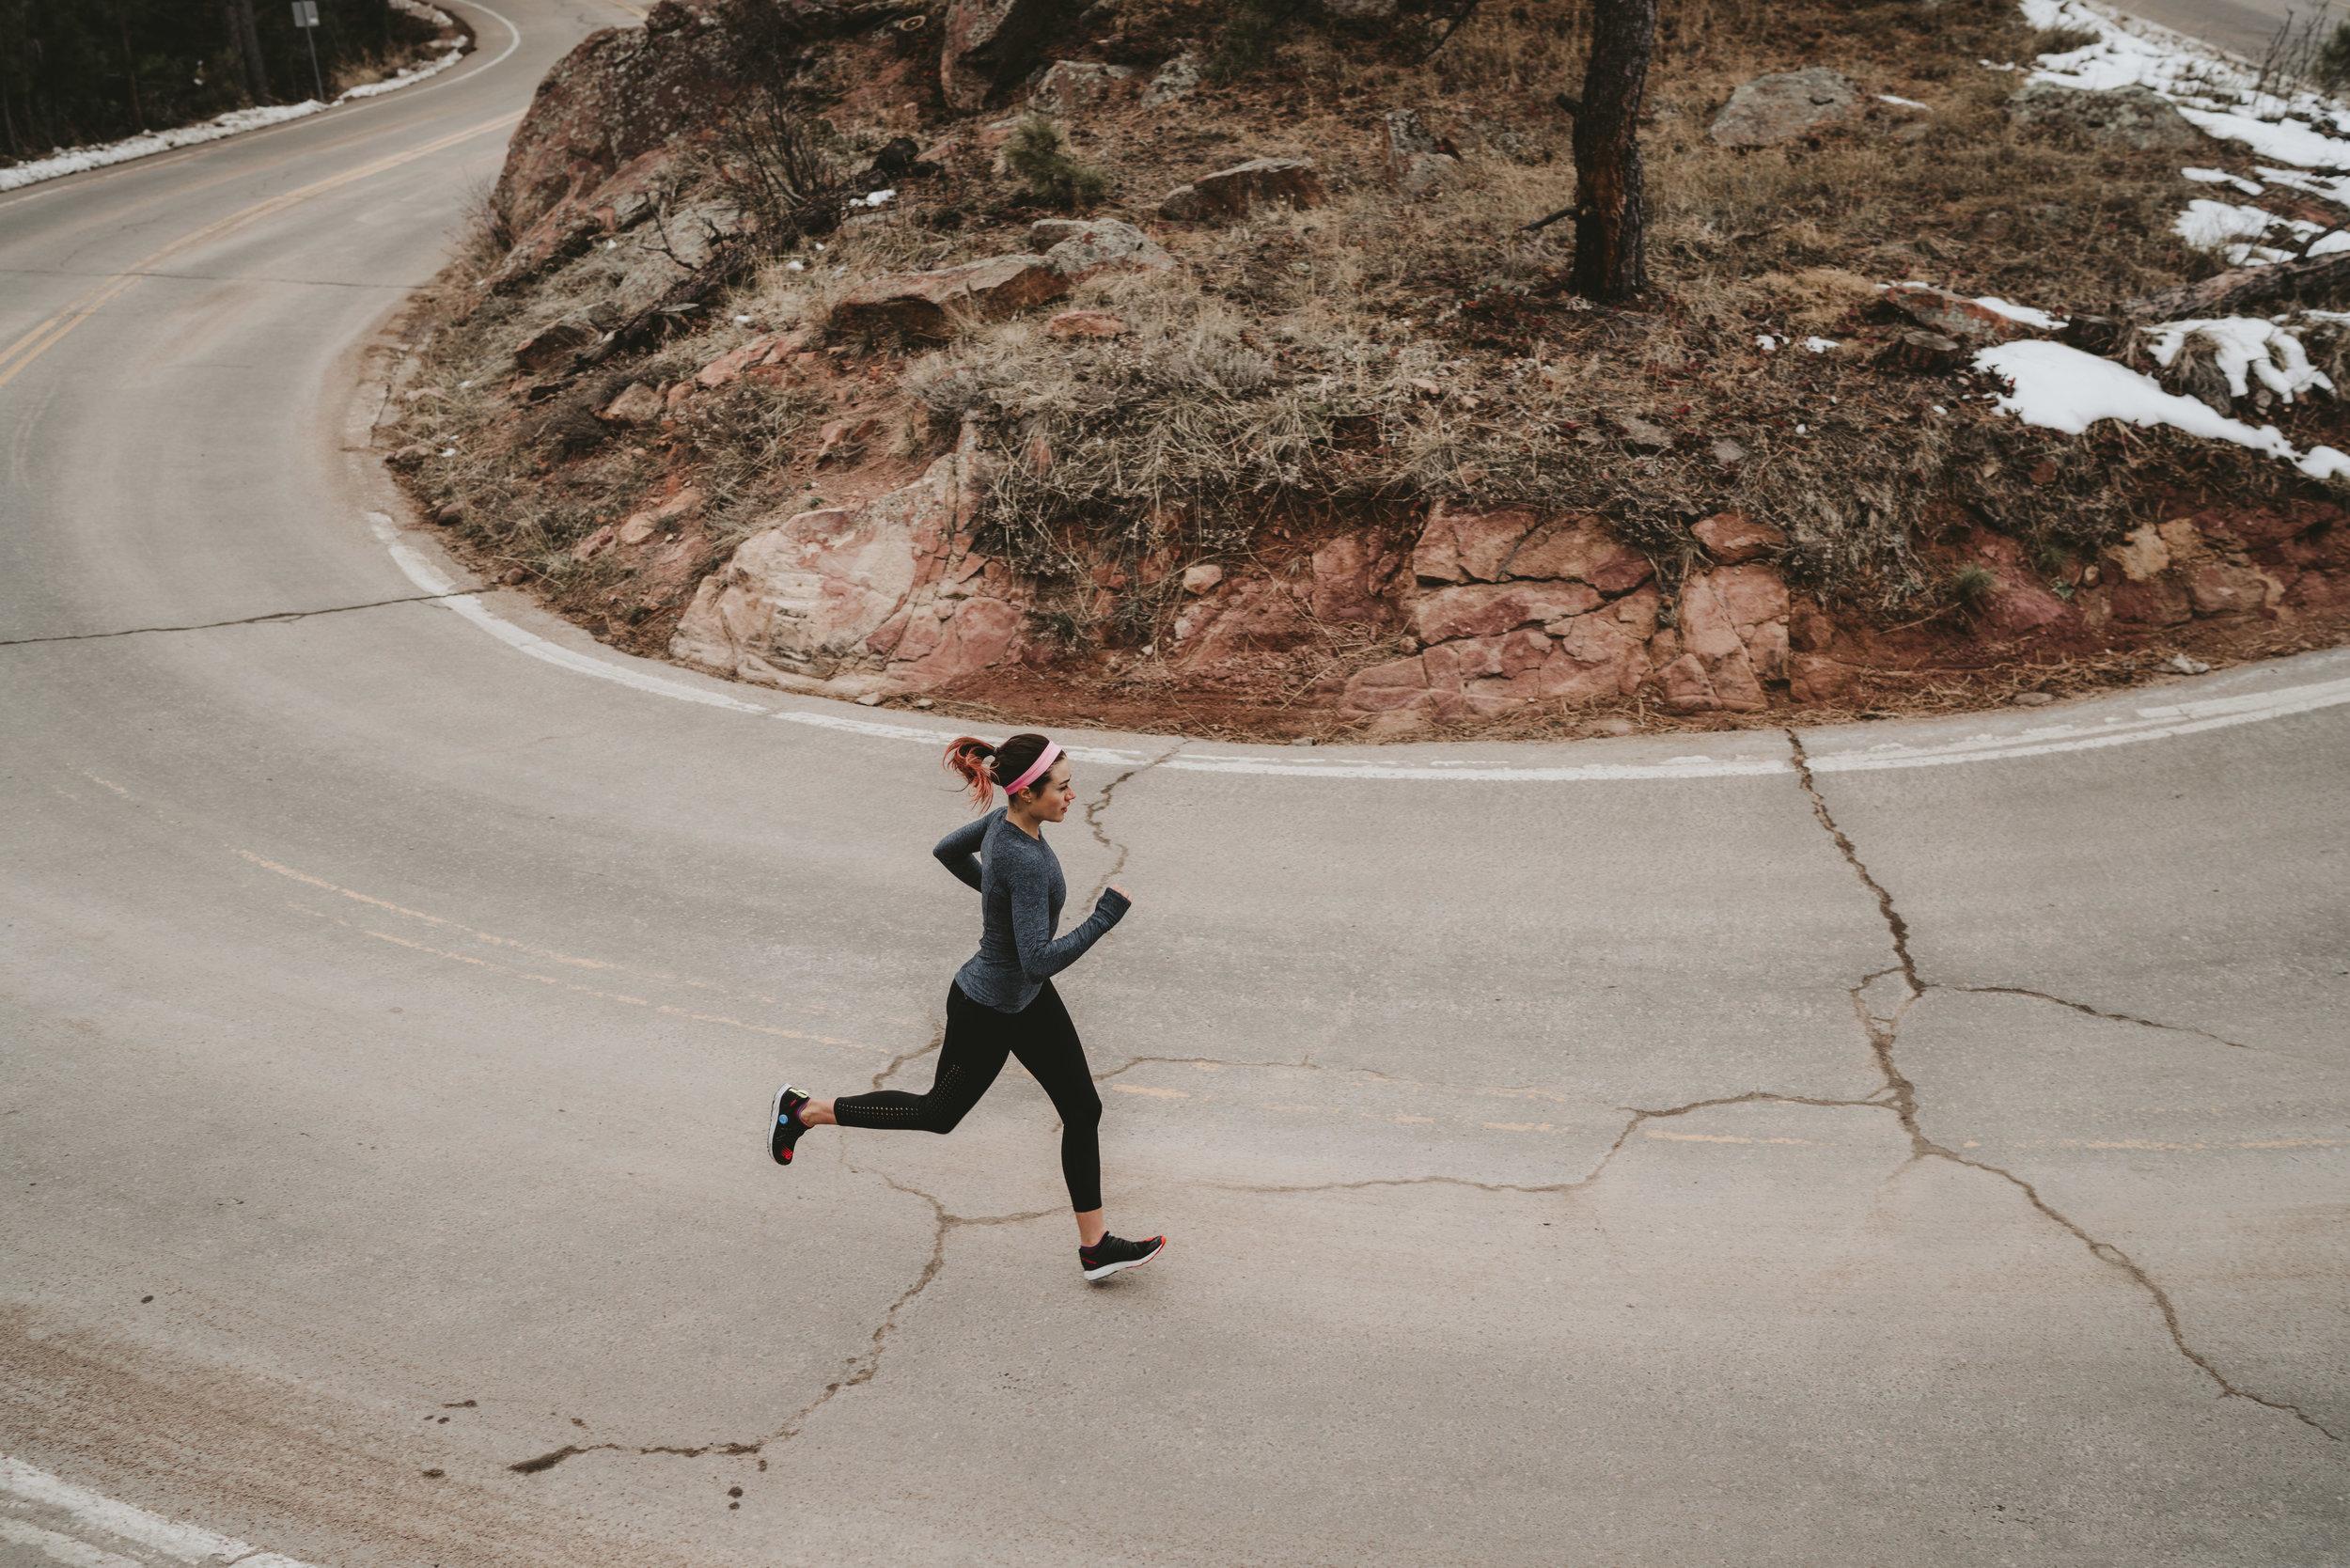 fitness-photographer-flagstaff-boulder-DSC07038.jpg